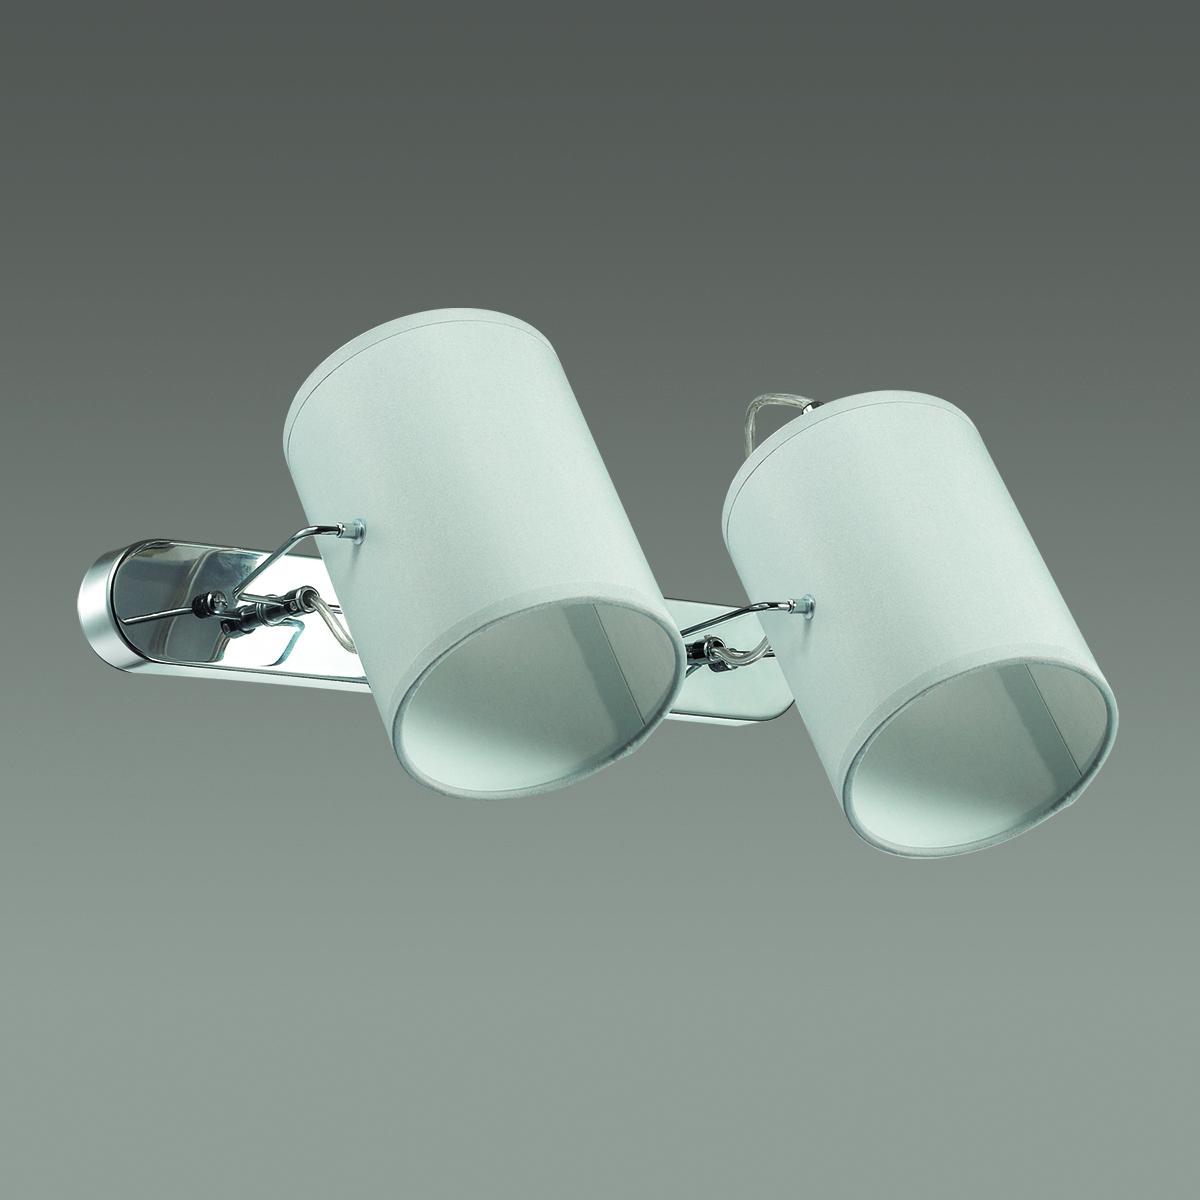 Настенный светильник с регулировкой направления света Lumion Visario 3522/2W, 2xE14x40W, хром, серый, металл, текстиль - фото 4